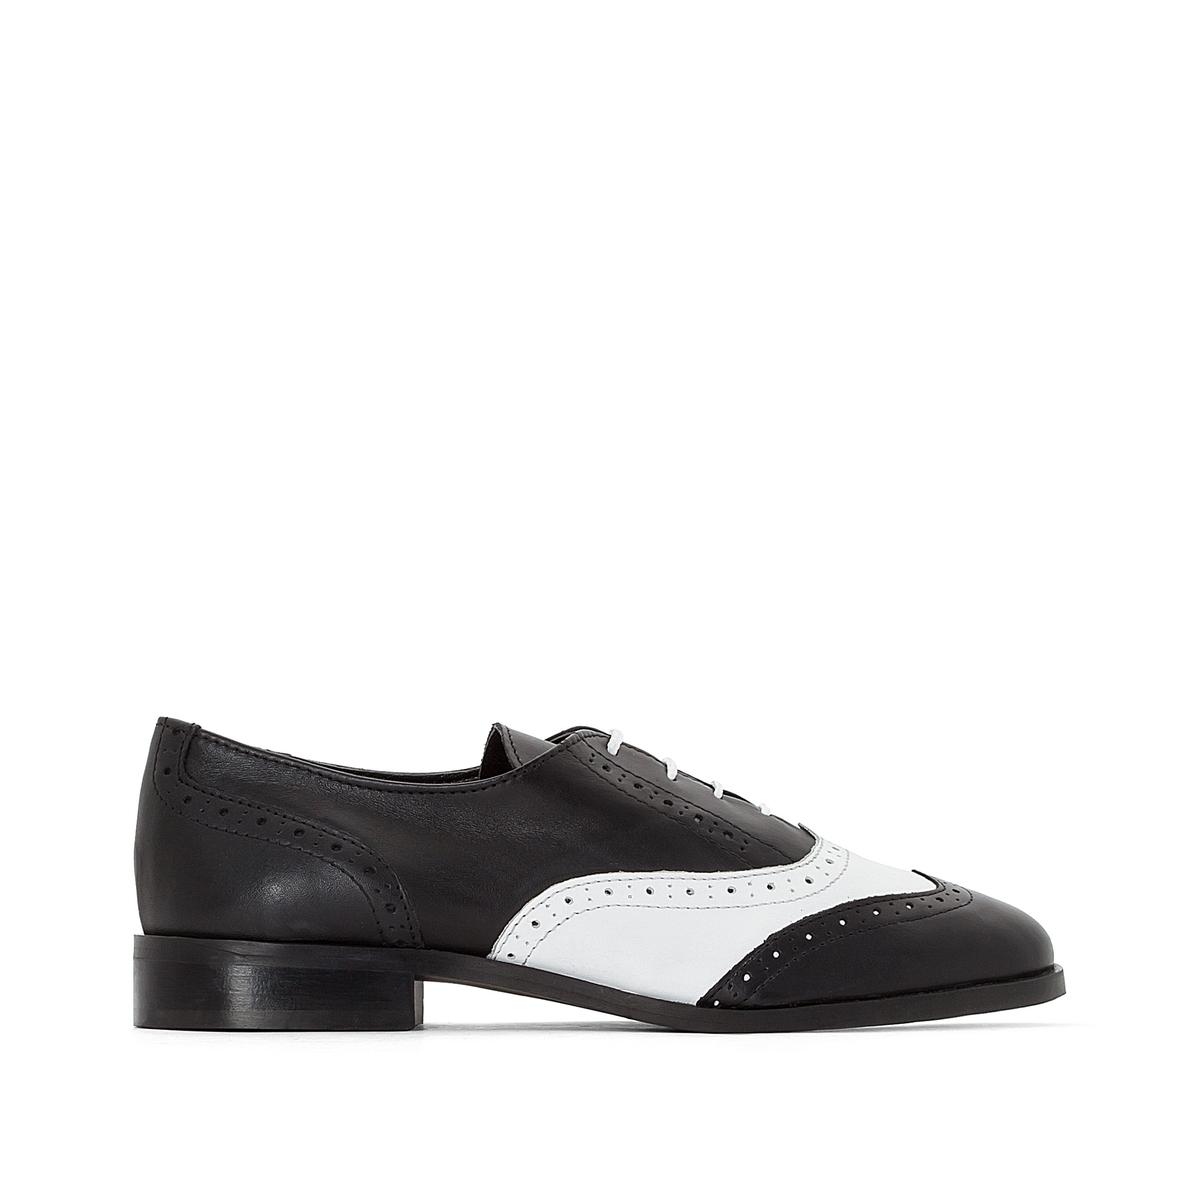 Ботинки-дерби кожаные двухцветные с мыском, как у обуви для гольфаОписание:Детали •  Ботинки-дерби •  Застежка : шнуровка •  Круглый мысок •  Гладкая отделкаСостав и уход •  Верх 100% кожа •  Подкладка 100% кожа •  Стелька 100% кожа •  Подошва 100% эластомер<br><br>Цвет: черный/ белый